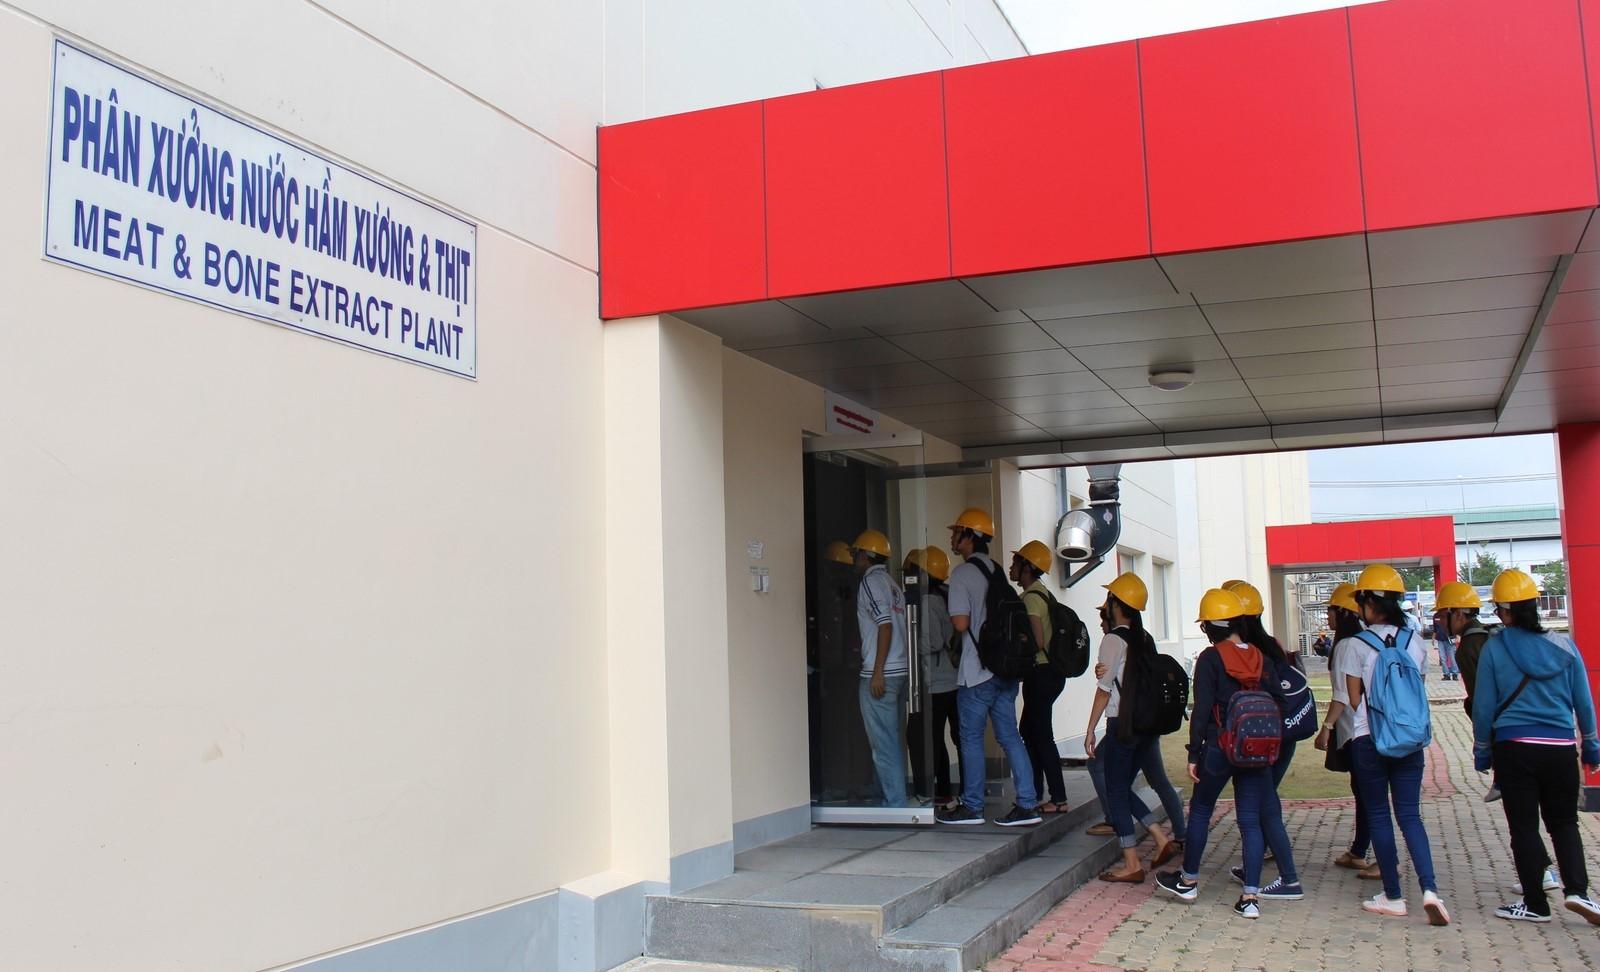 Sinh viên được đưa đi tham quan phân xưởng nước hầm xương thịt